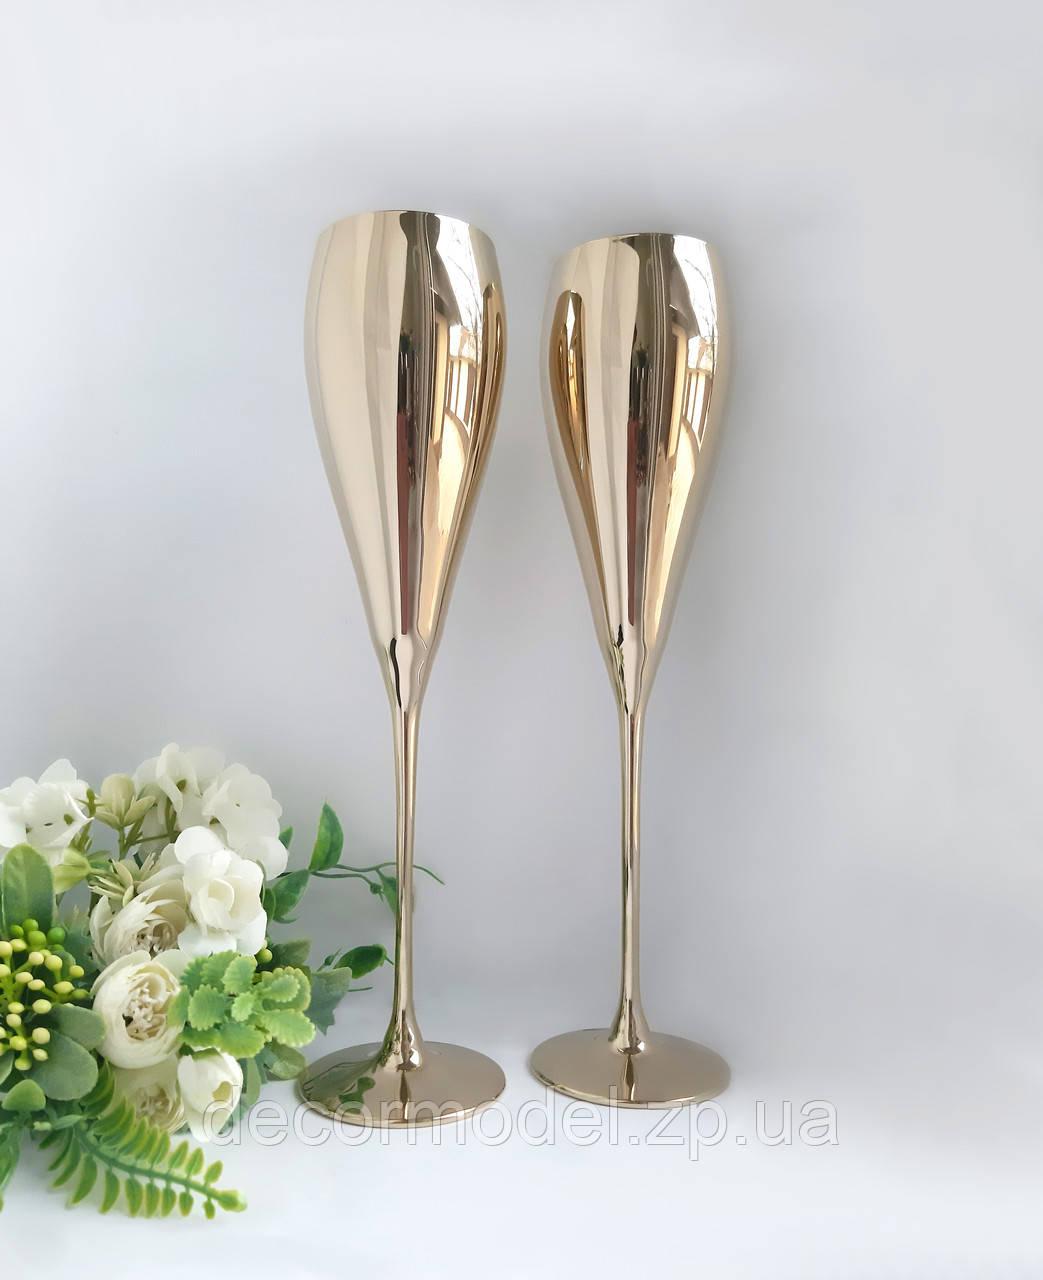 Набор бокалов для шампанского Rona Grace 280 ml 2 шт  золотистый